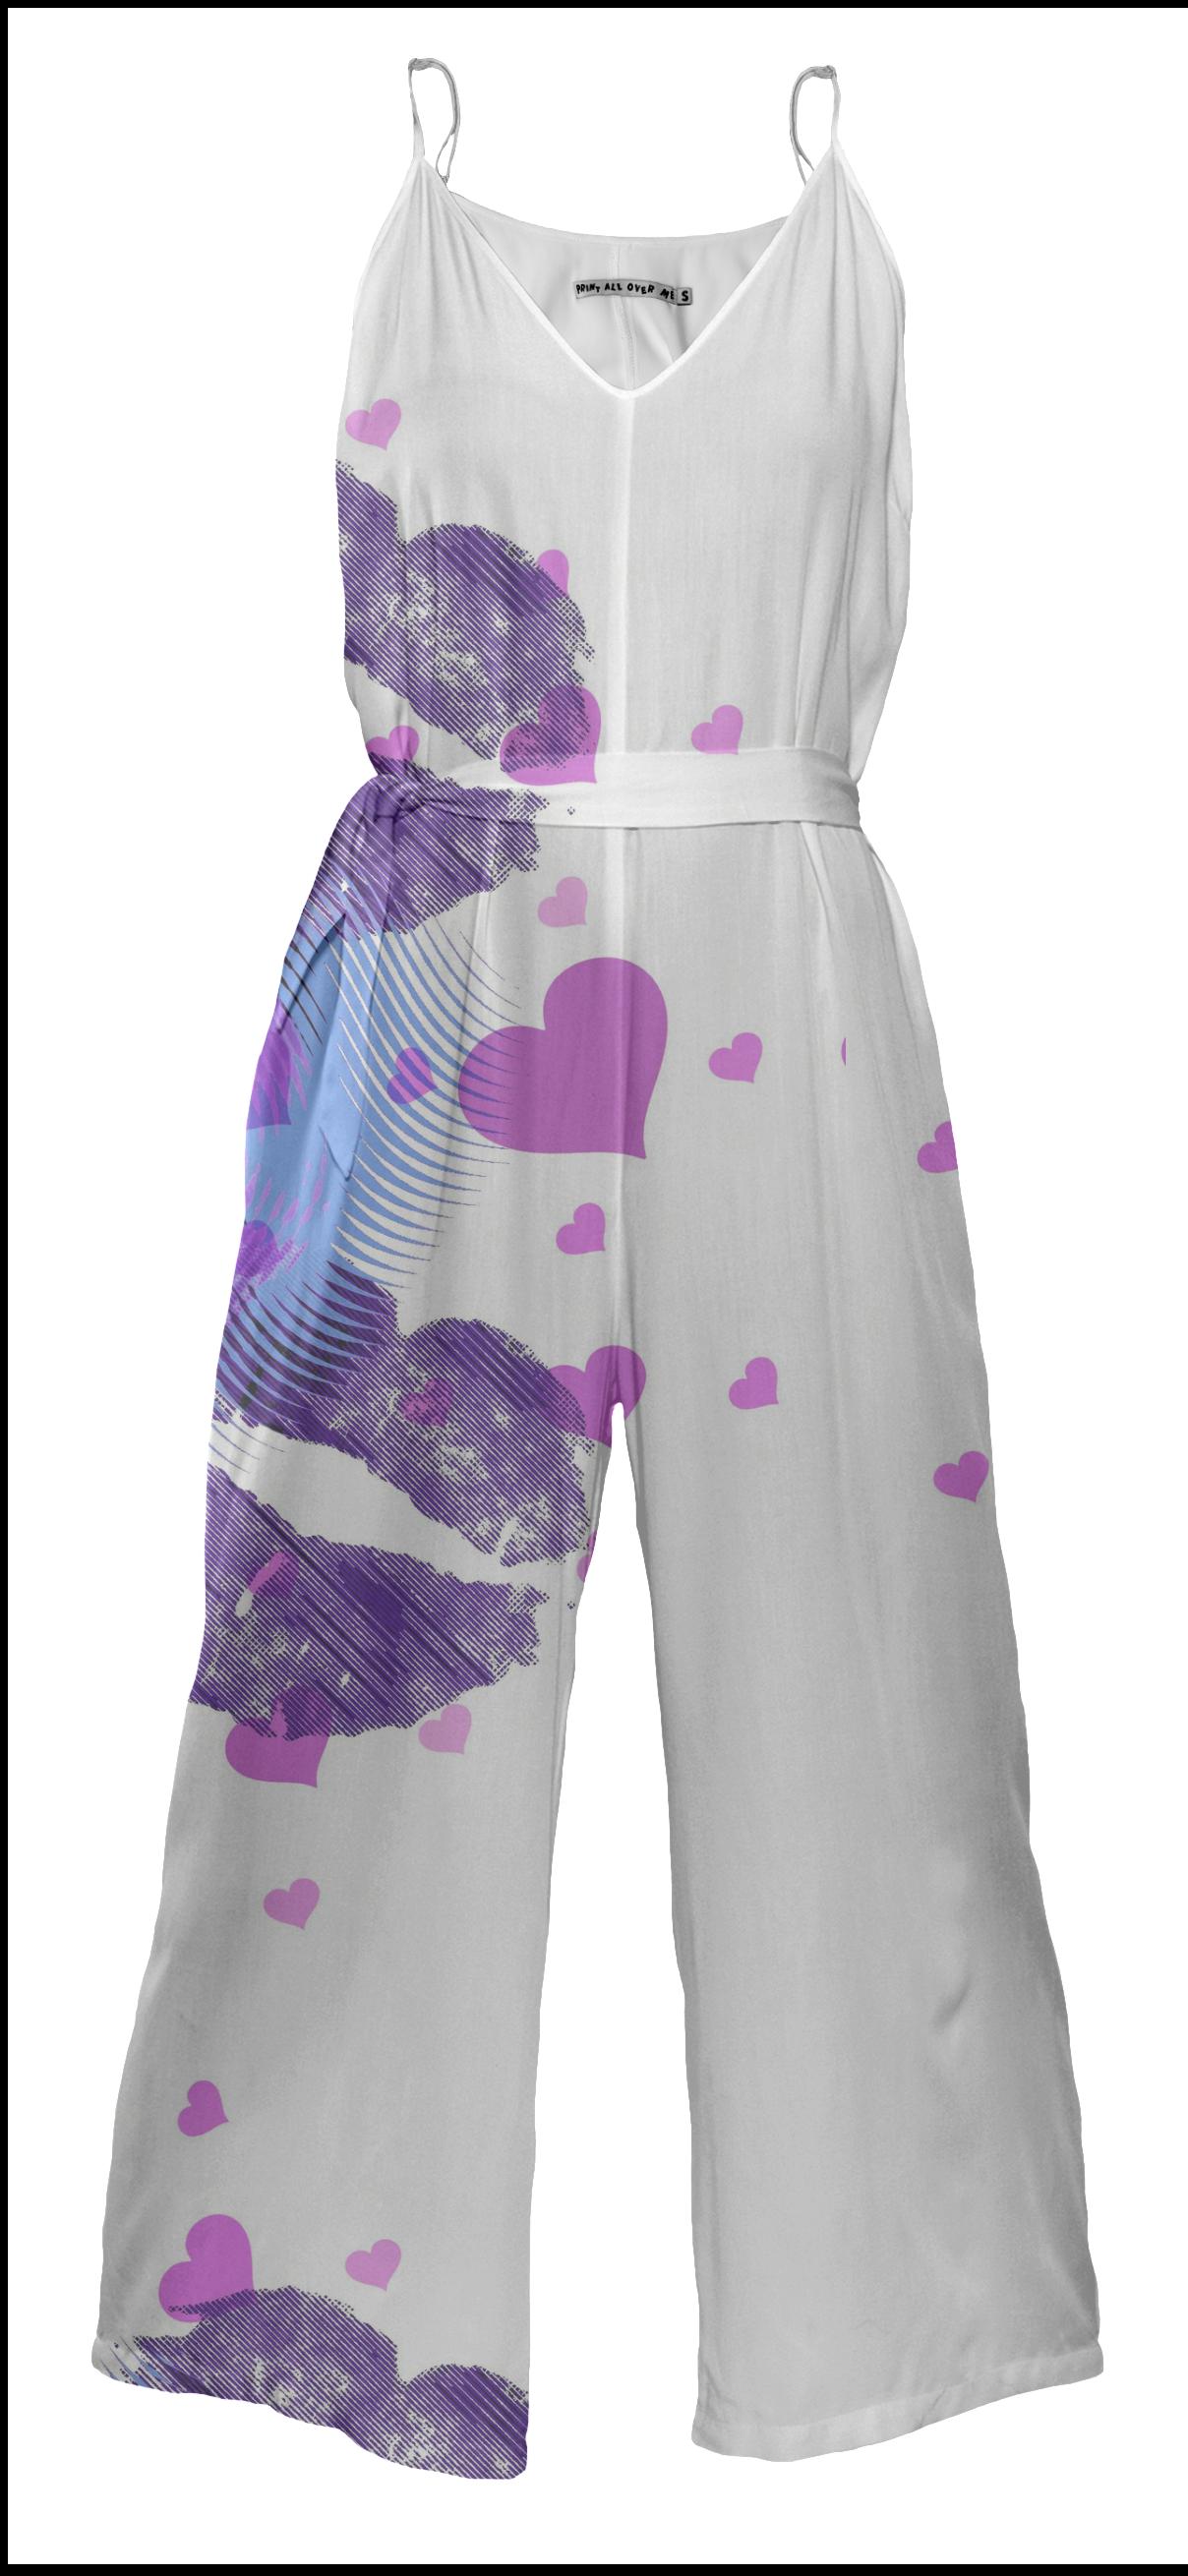 Indigo Kiss Tie Waist Jump Suit by Eric Rasmussen